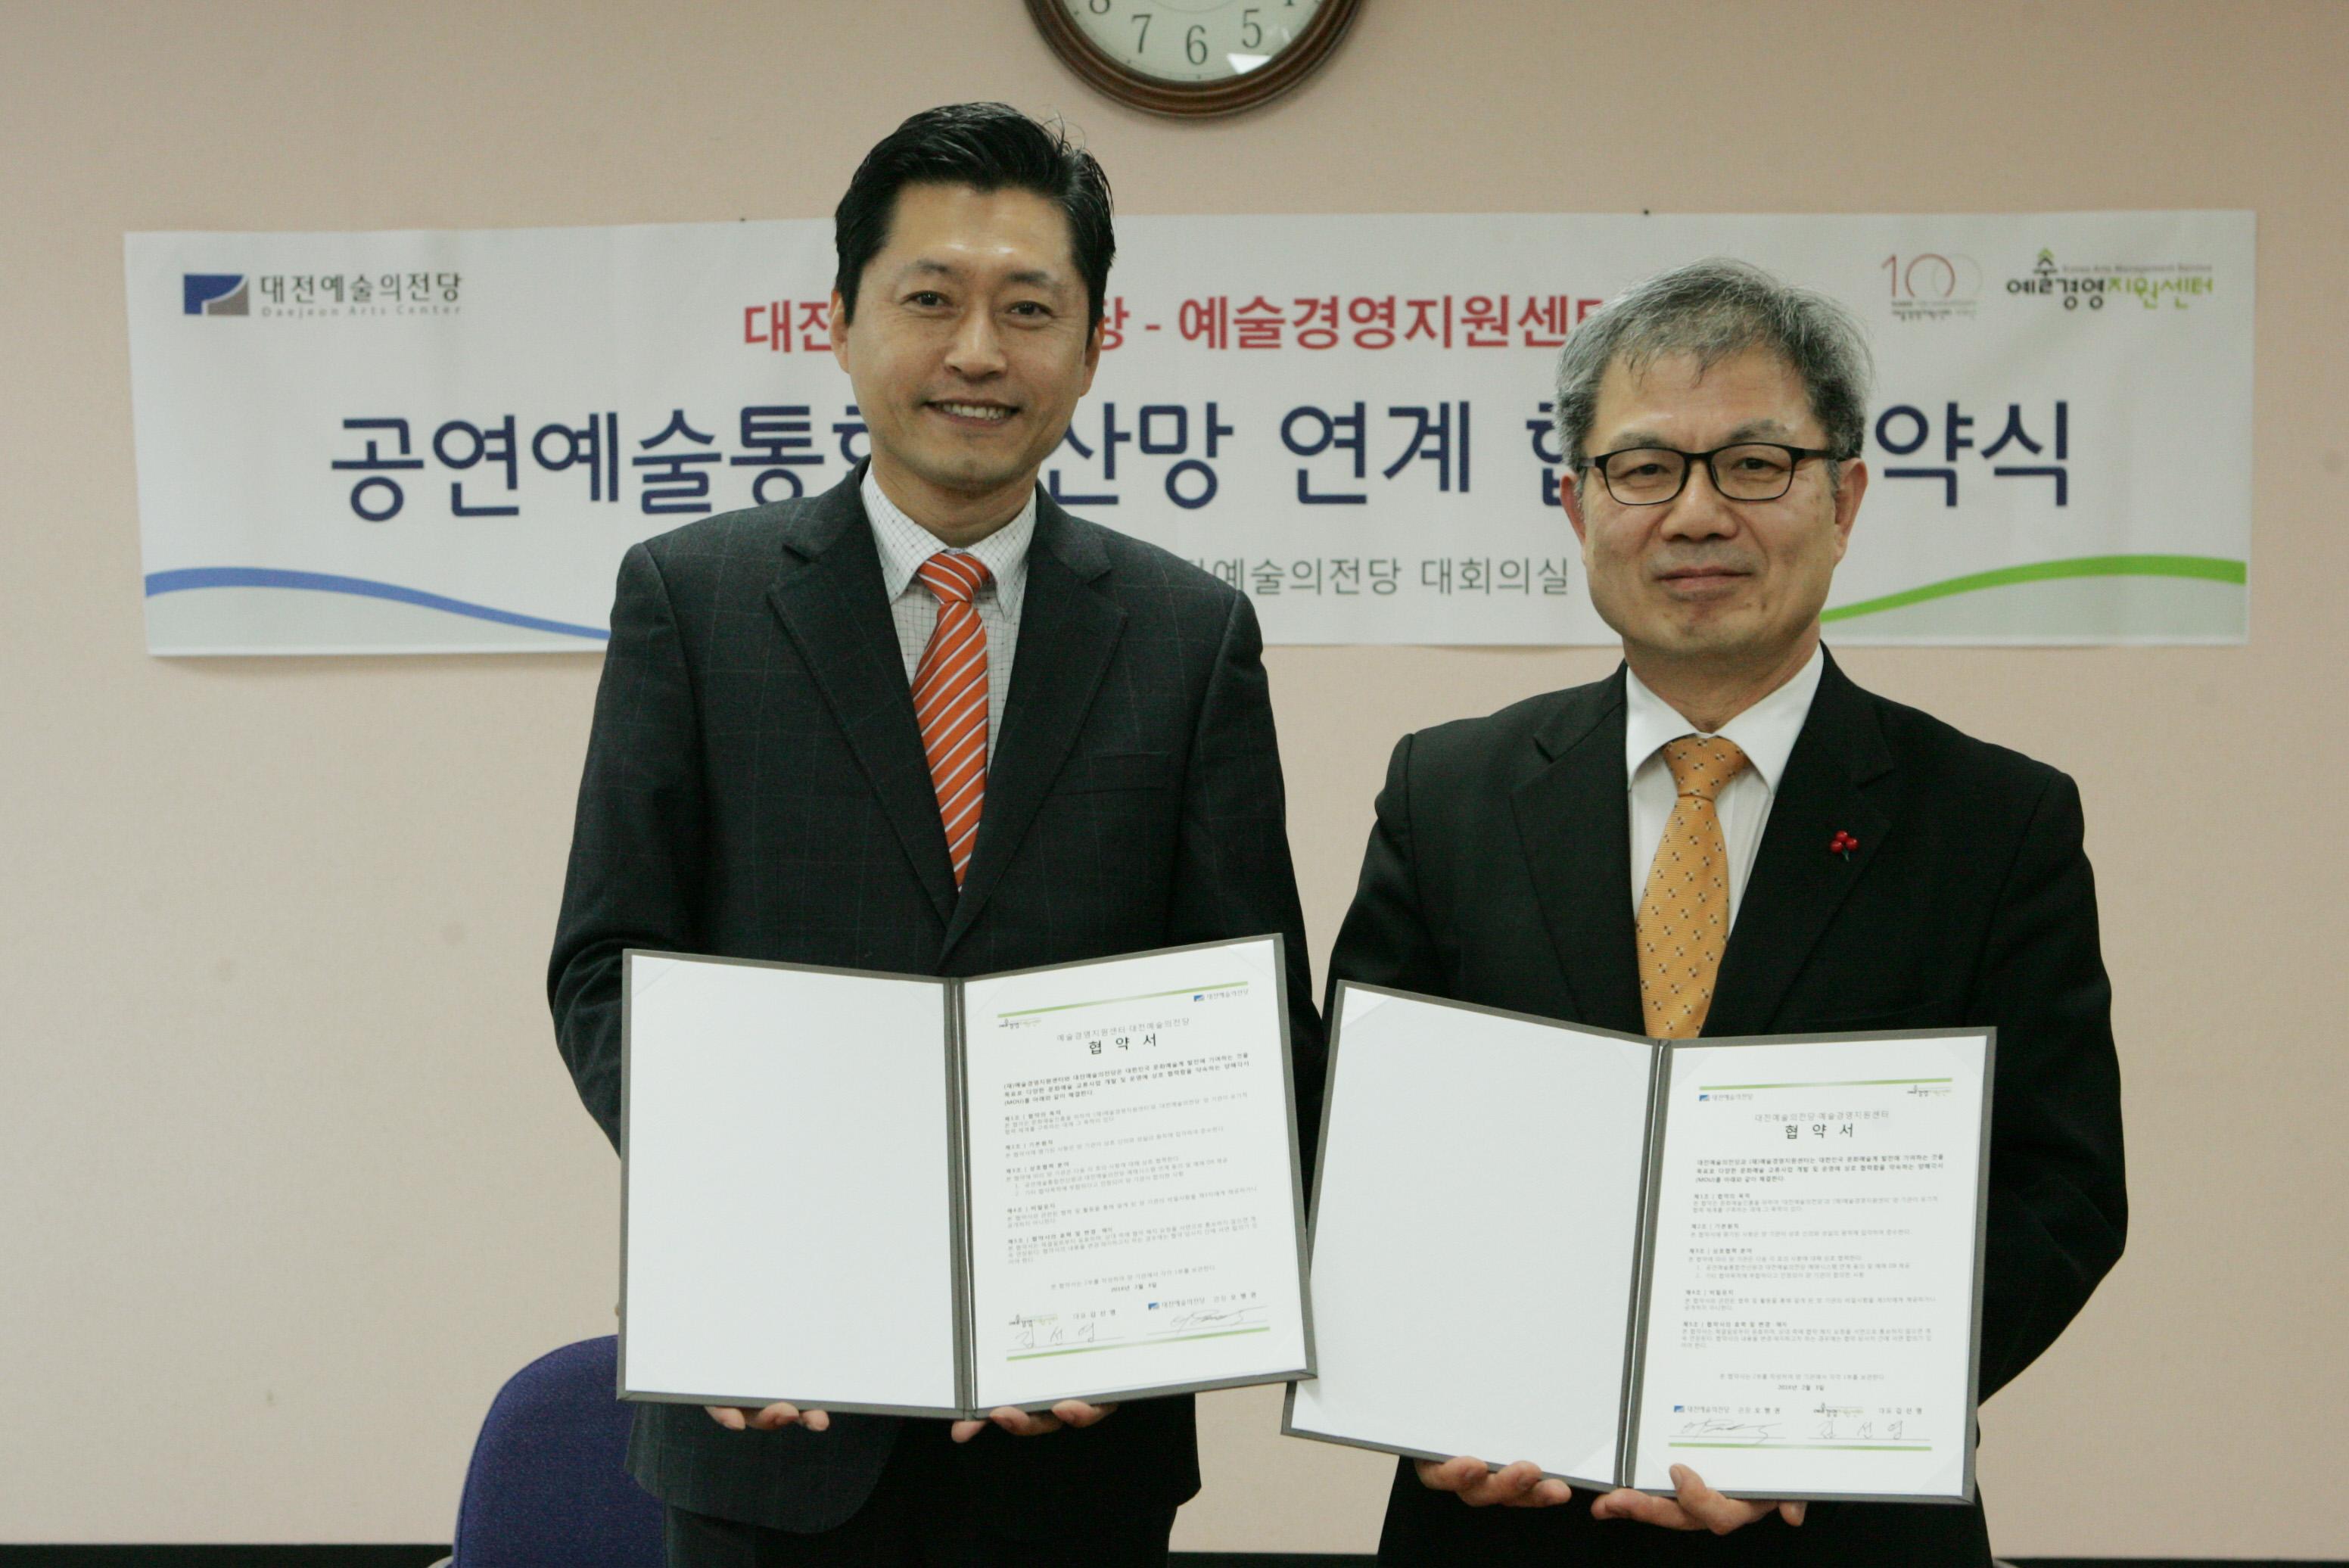 (재)예술경영지원센터, 대전예술의전당과 공연예술통합전산망 연계 협약 체결